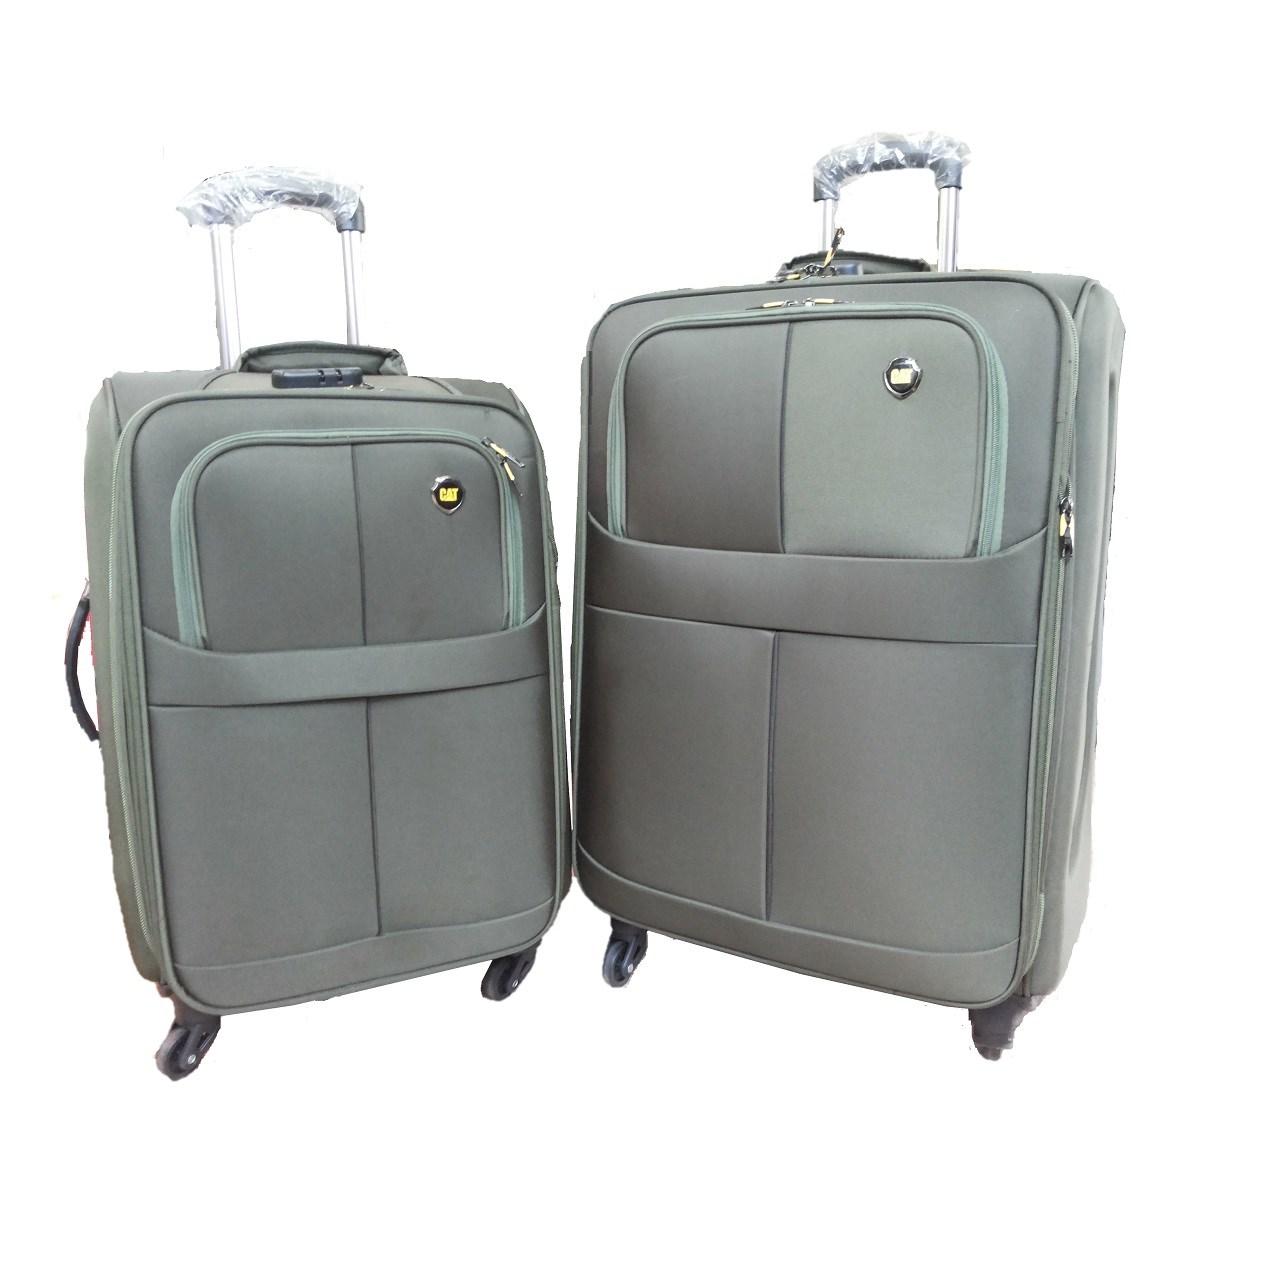 مجموعه دو عددی چمدان تانا  مدل GDB